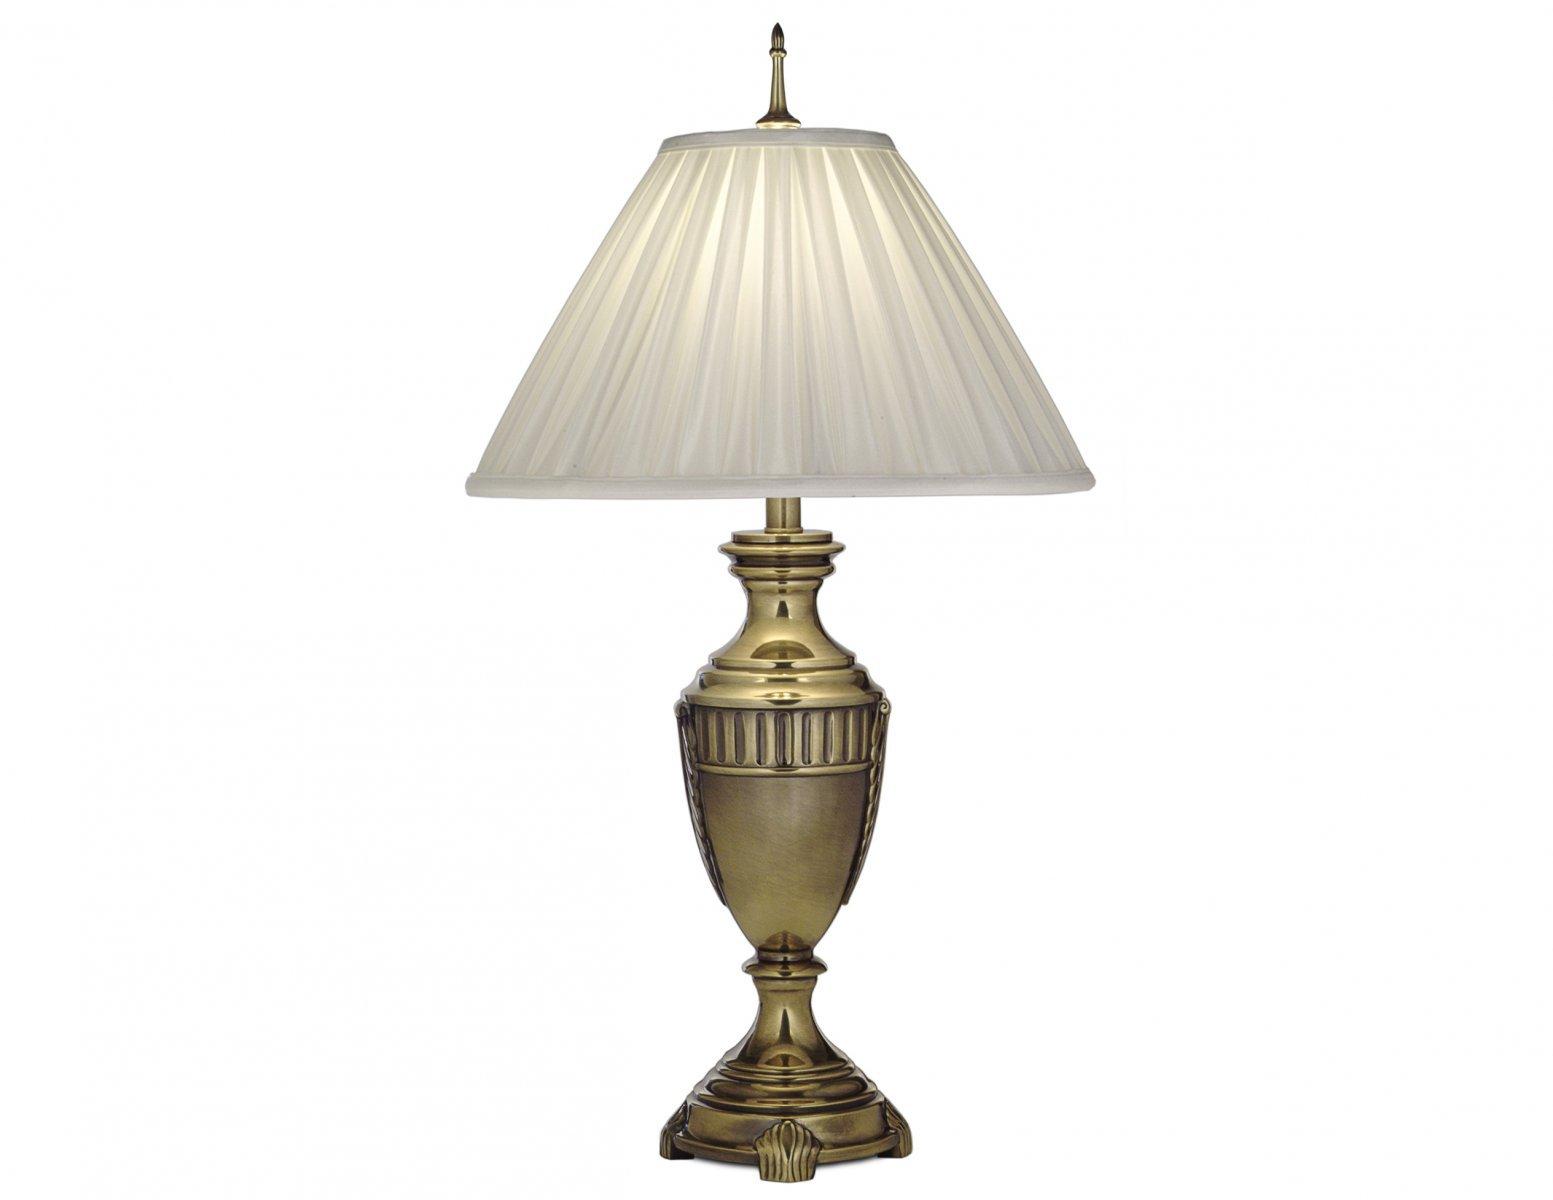 Lampa stołowa nocna podstawa z odlewu cynkowego w kolorze oksydowanego mosiądzu z jedwabnym abażurem w odcieniu perłowym